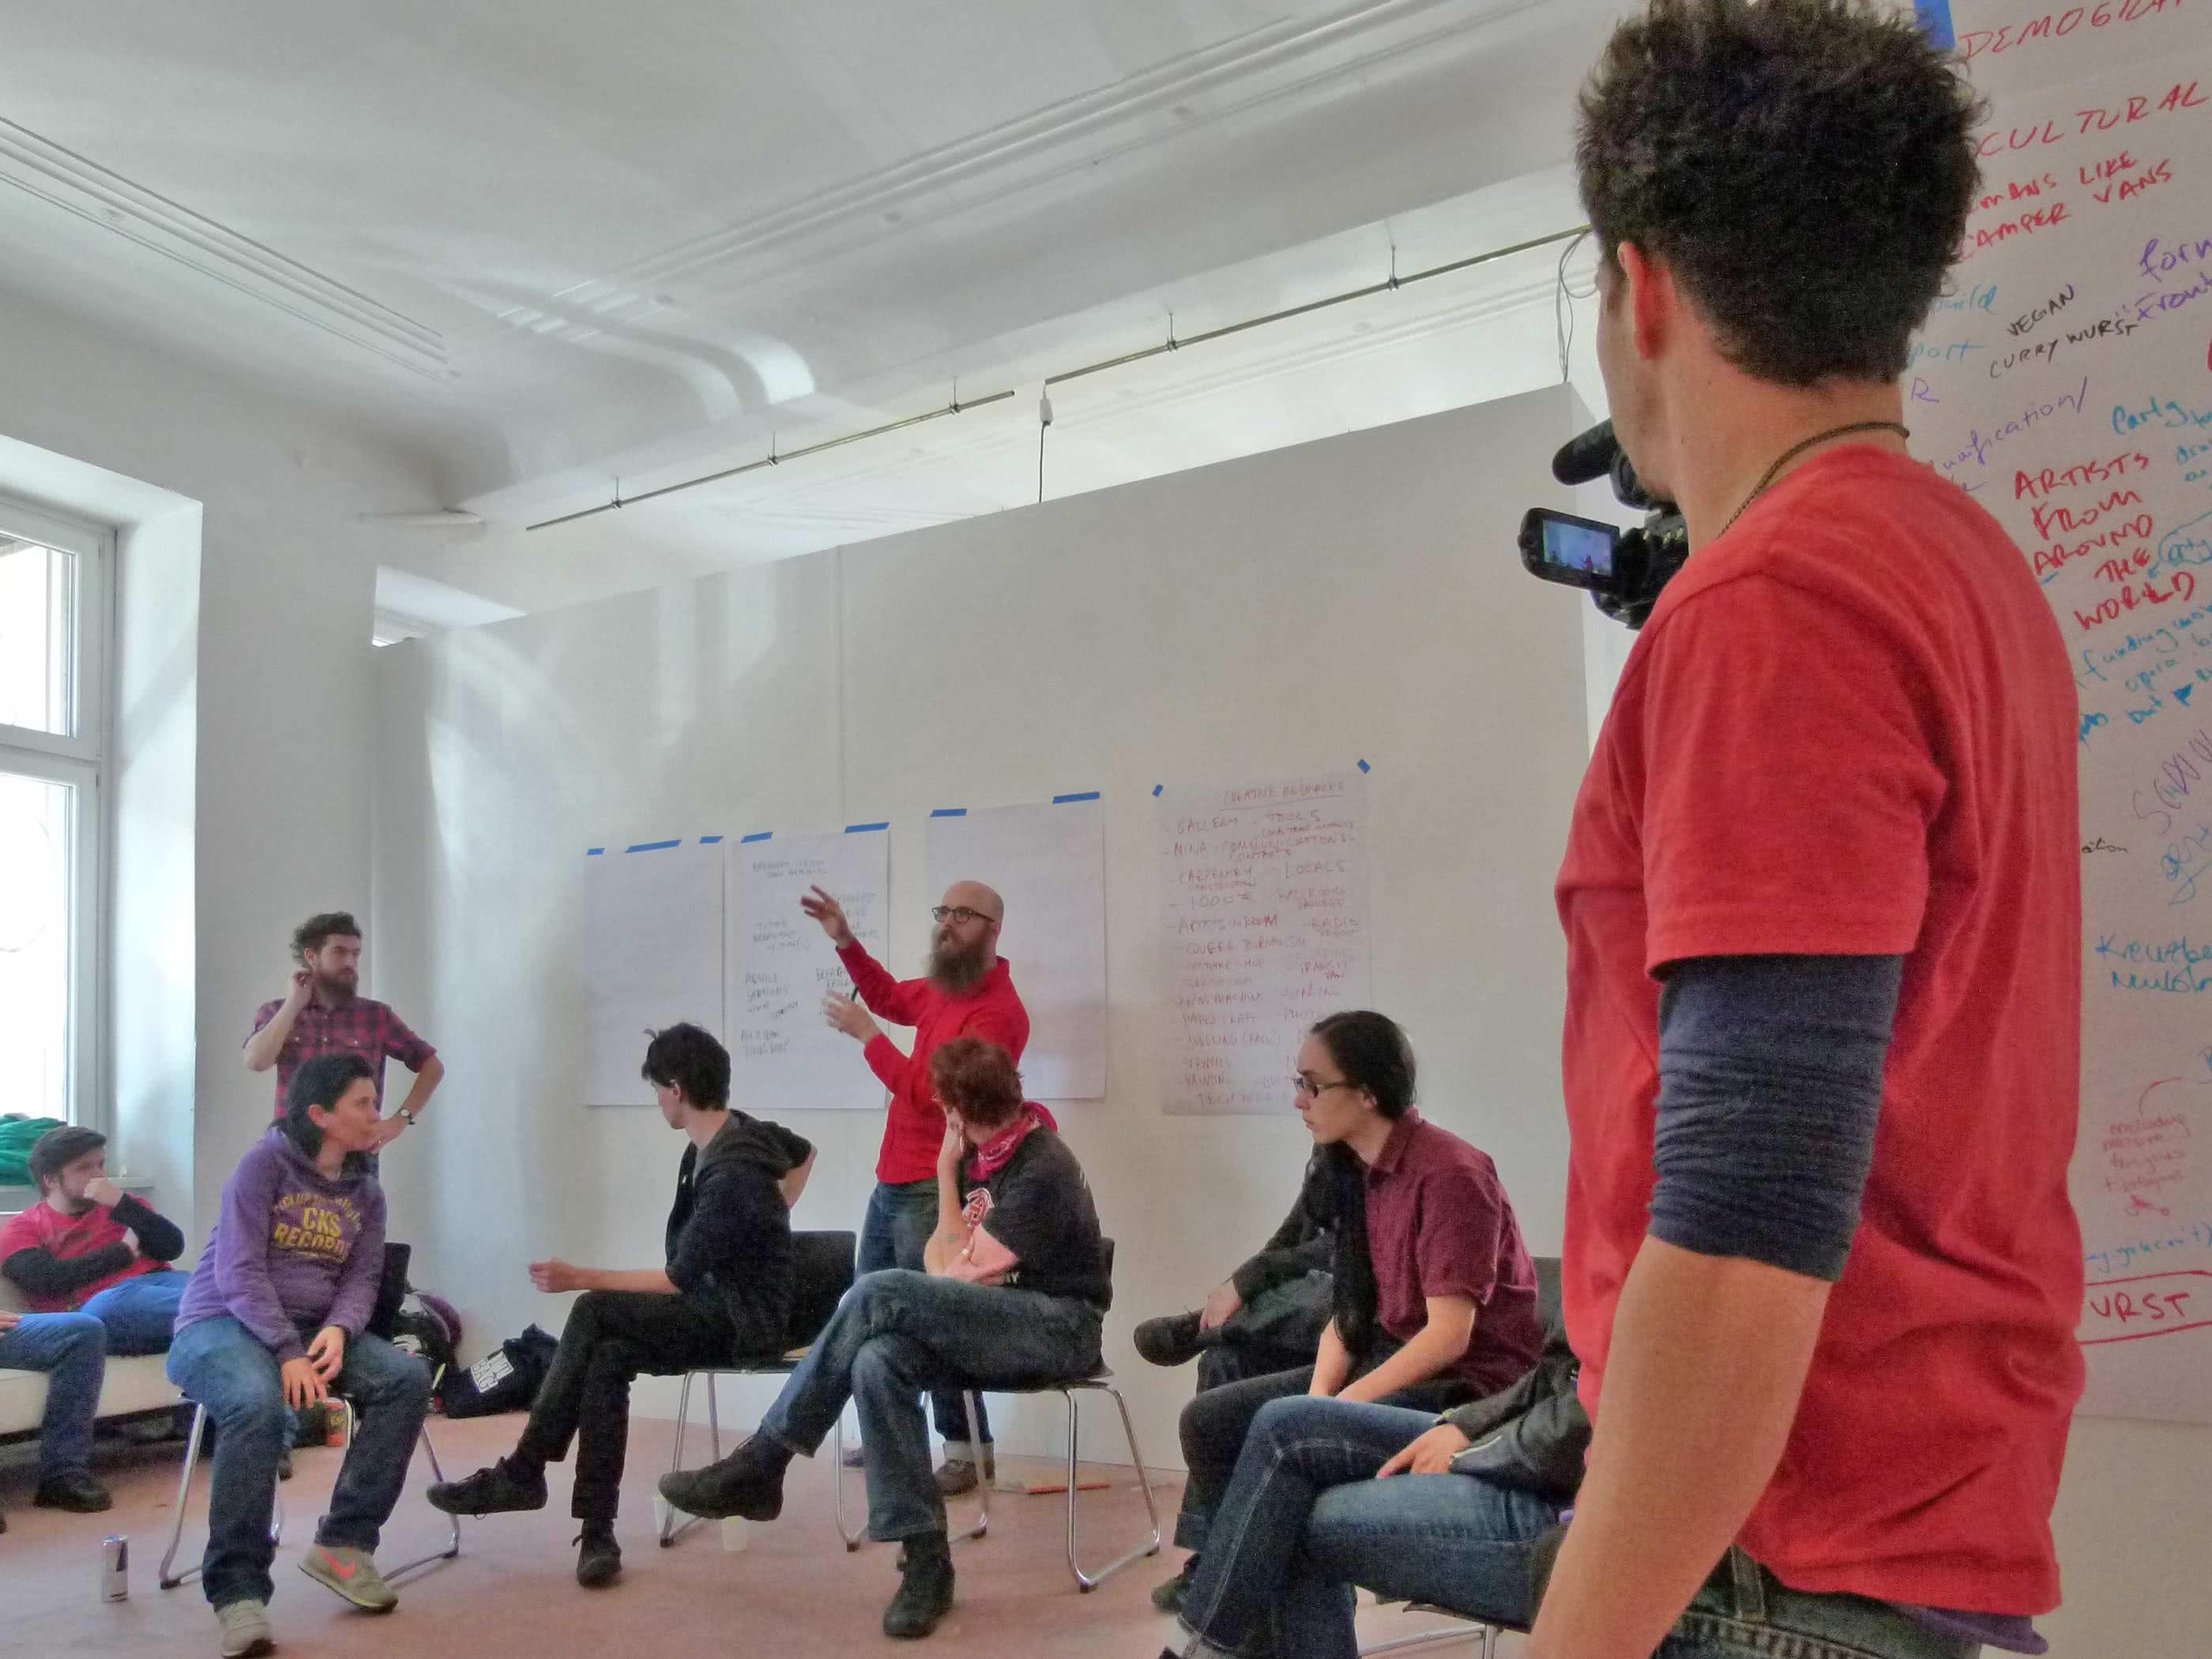 School for Creative Activism: Trans Activism Seminar